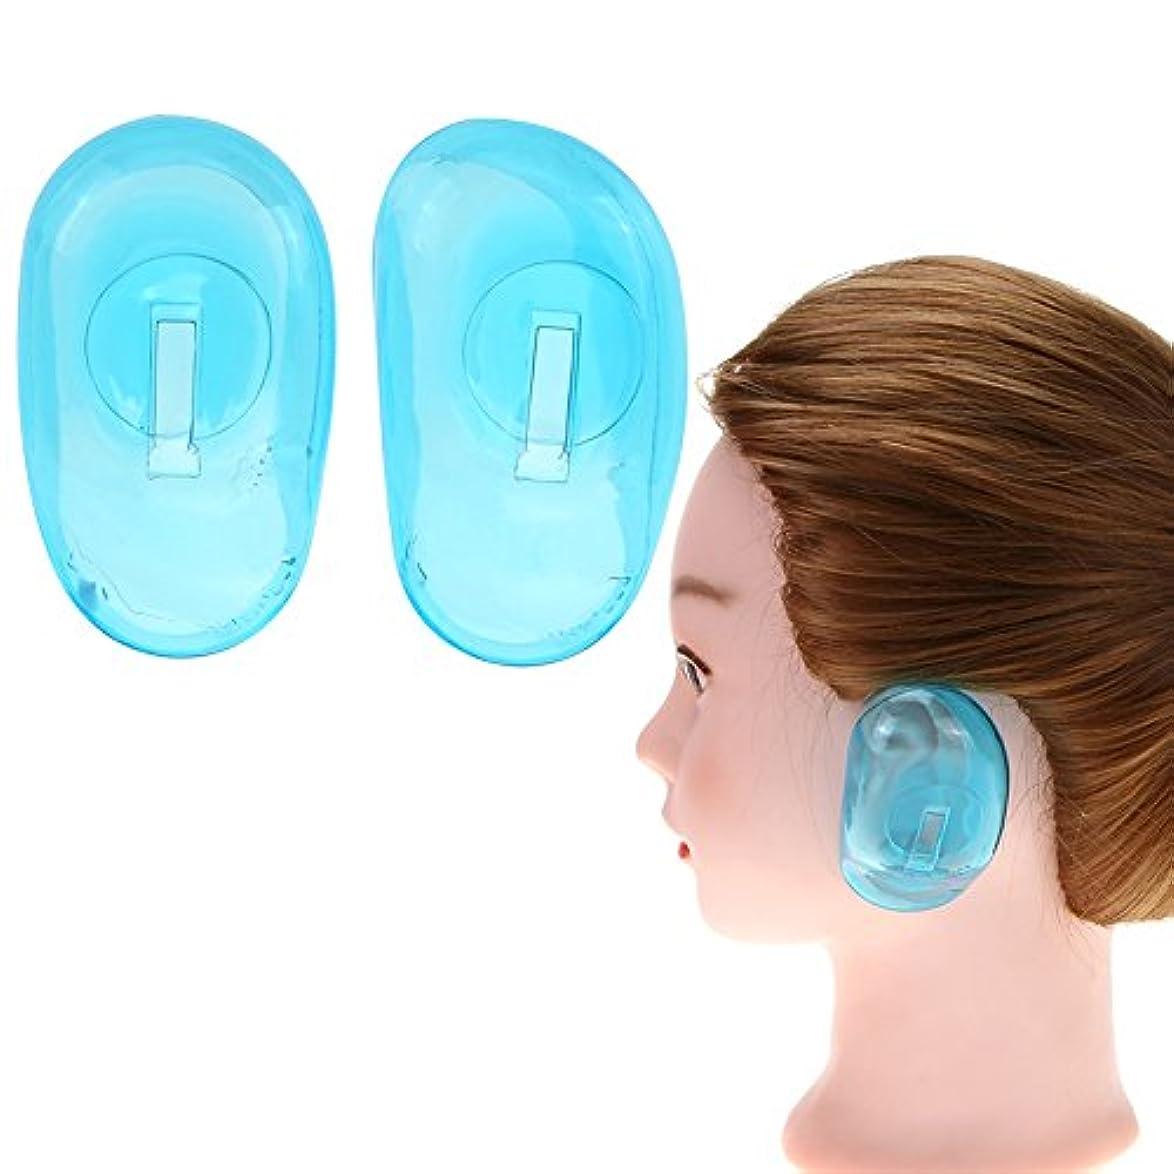 専門引き出す情熱的Ruier-tong 5ペア耳カバー 毛染め用 シリコン製 耳キャップ 柔らかいイヤーキャップ ヘアカラー シャワー 耳保護 ヘアケアツール サロン 洗える 繰り返す使用可能 エコ 8.5x5cm